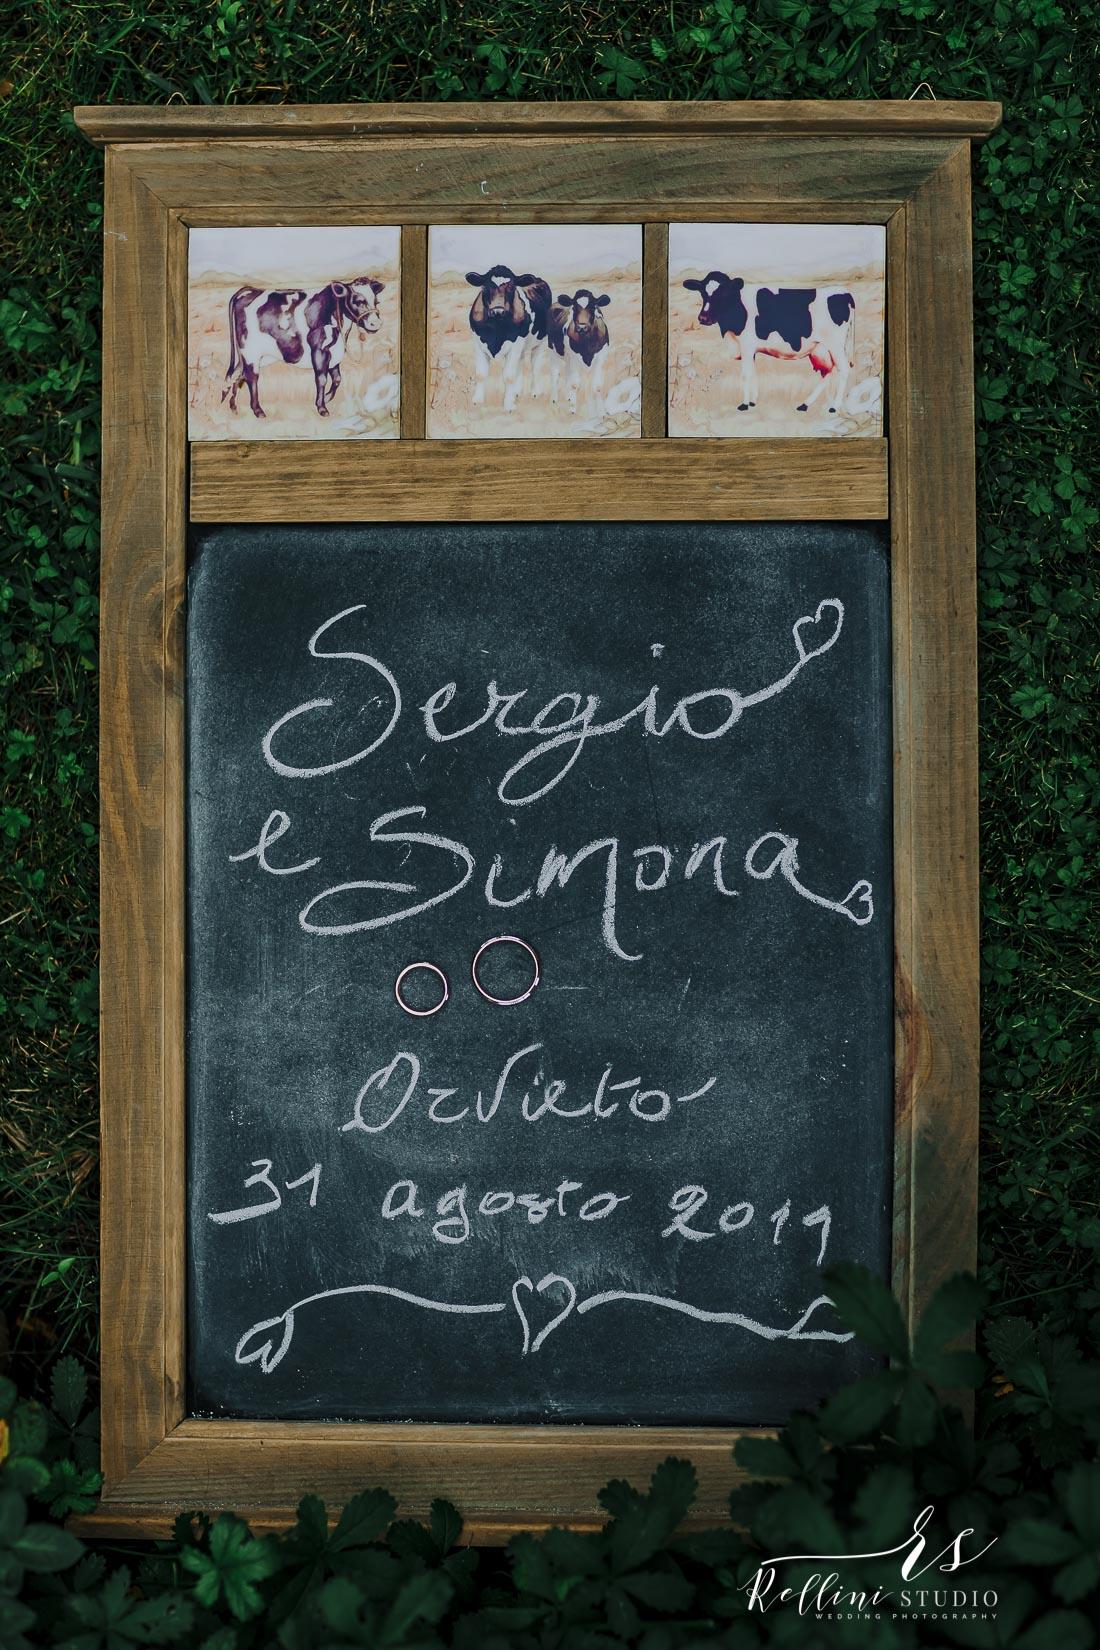 Sergio-Simona-16.jpg